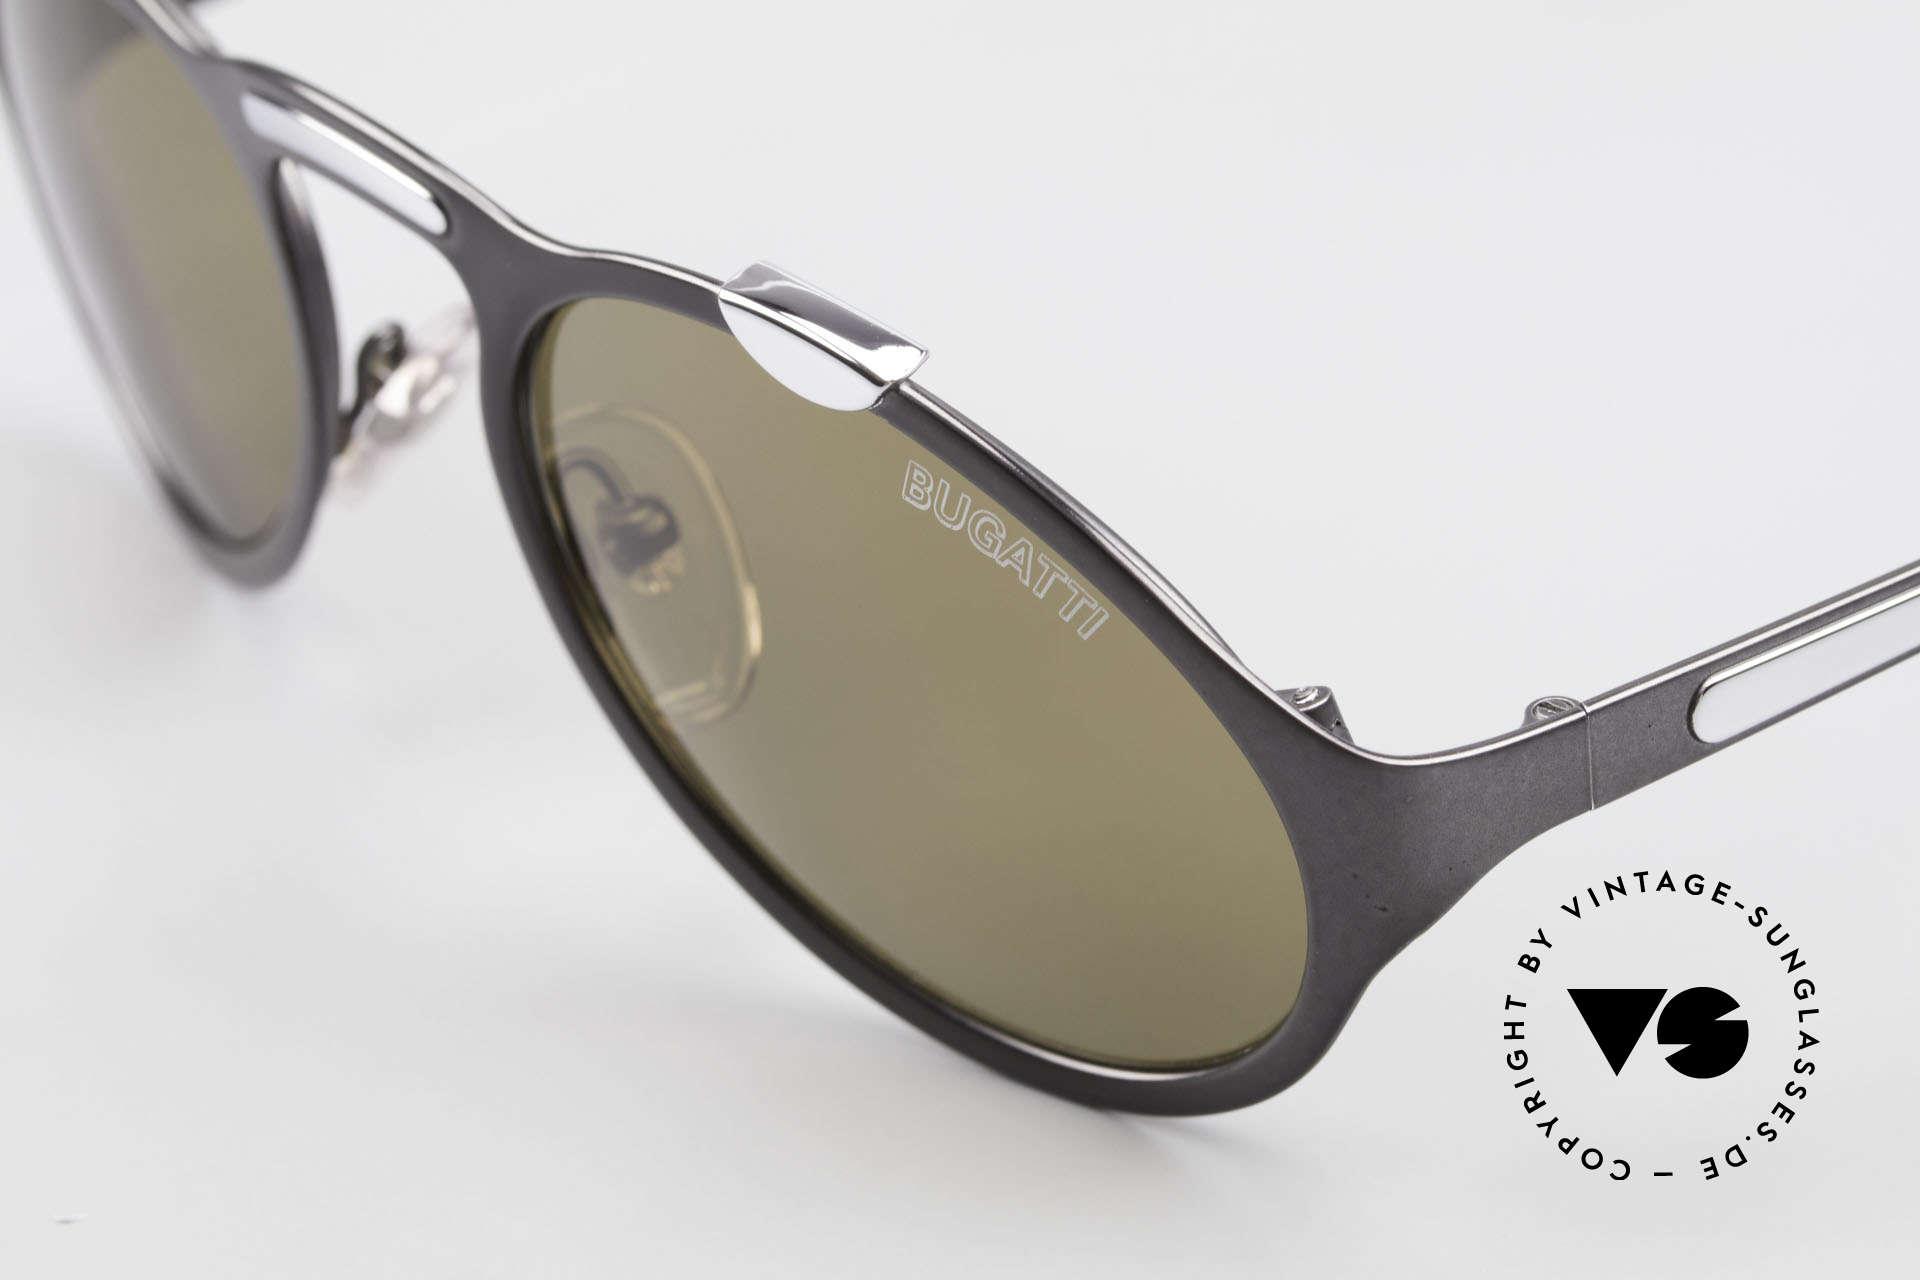 Bugatti 13152 Limited Luxus Vintage Sonnenbrille, hoher Tragekomfort und Luxus pur! Muss man(n) fühlen!, Passend für Herren